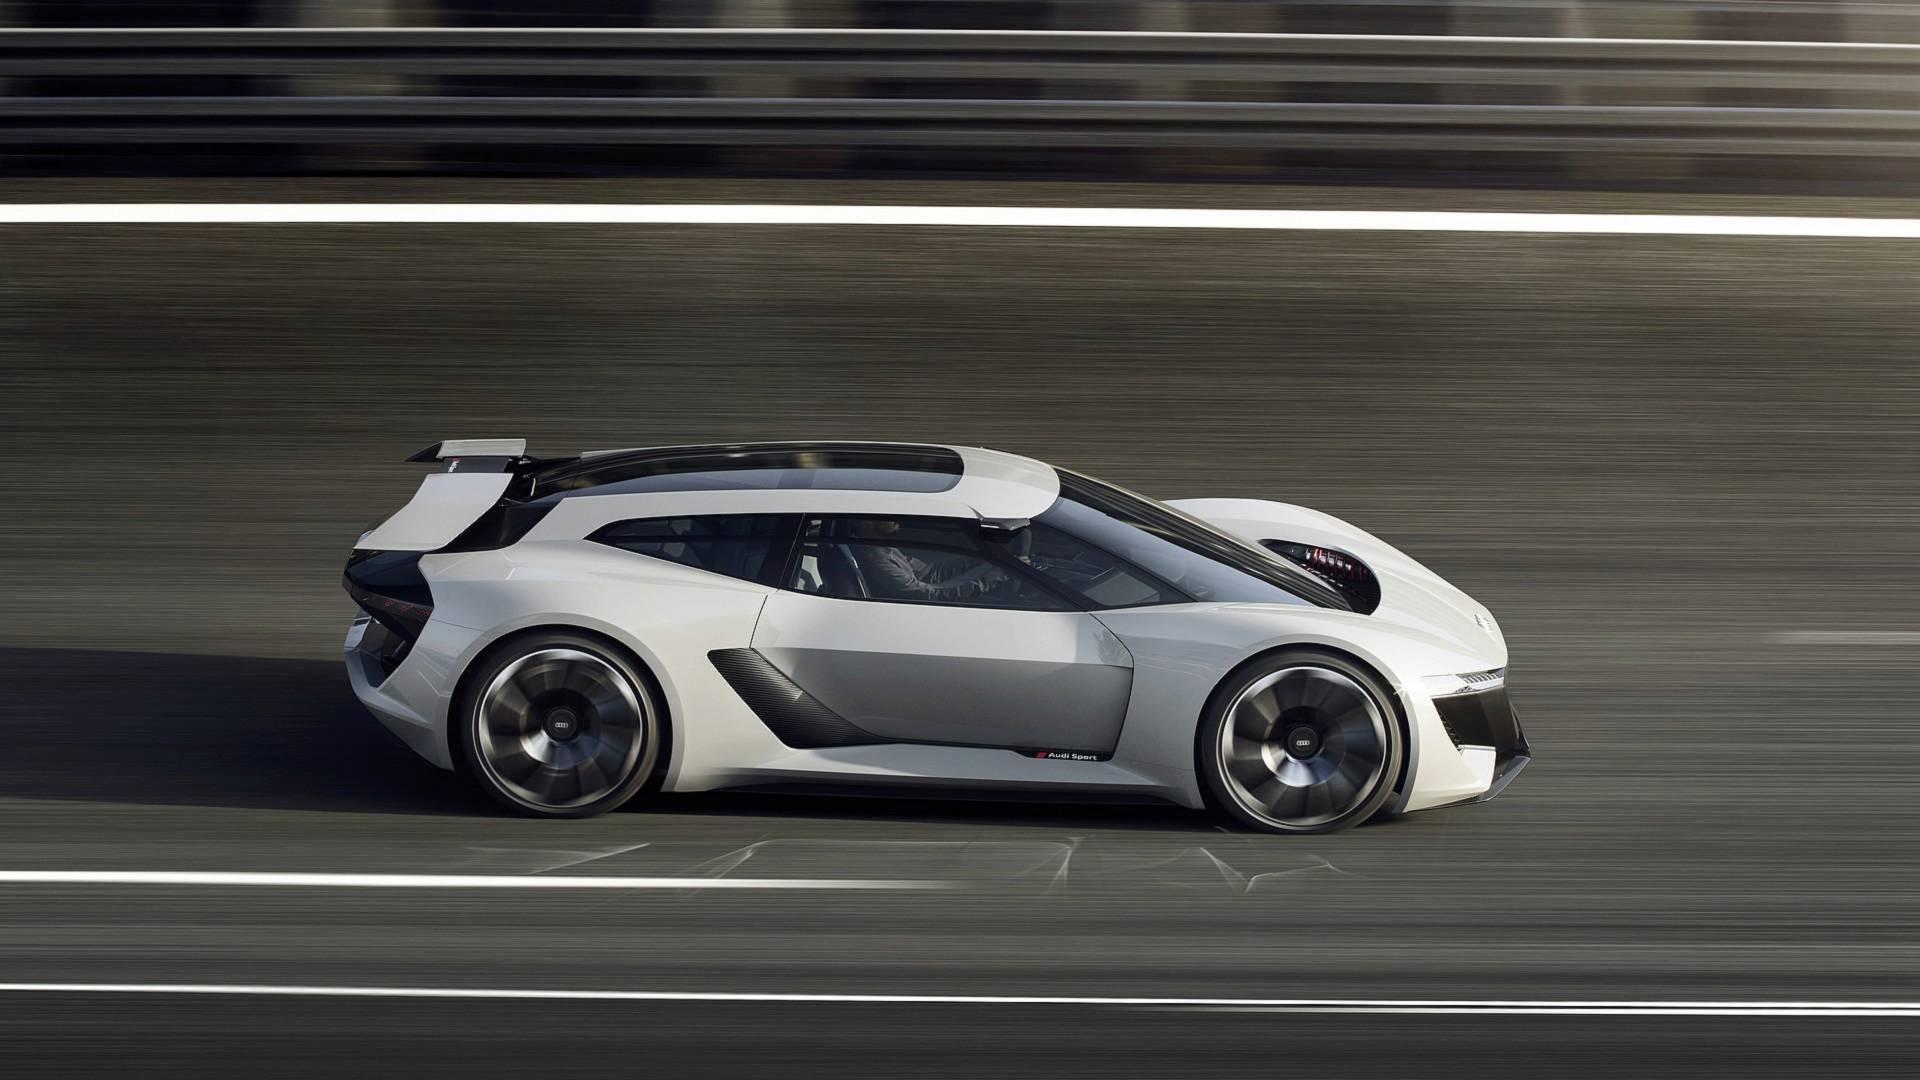 Audi PB18 E-tron concept race